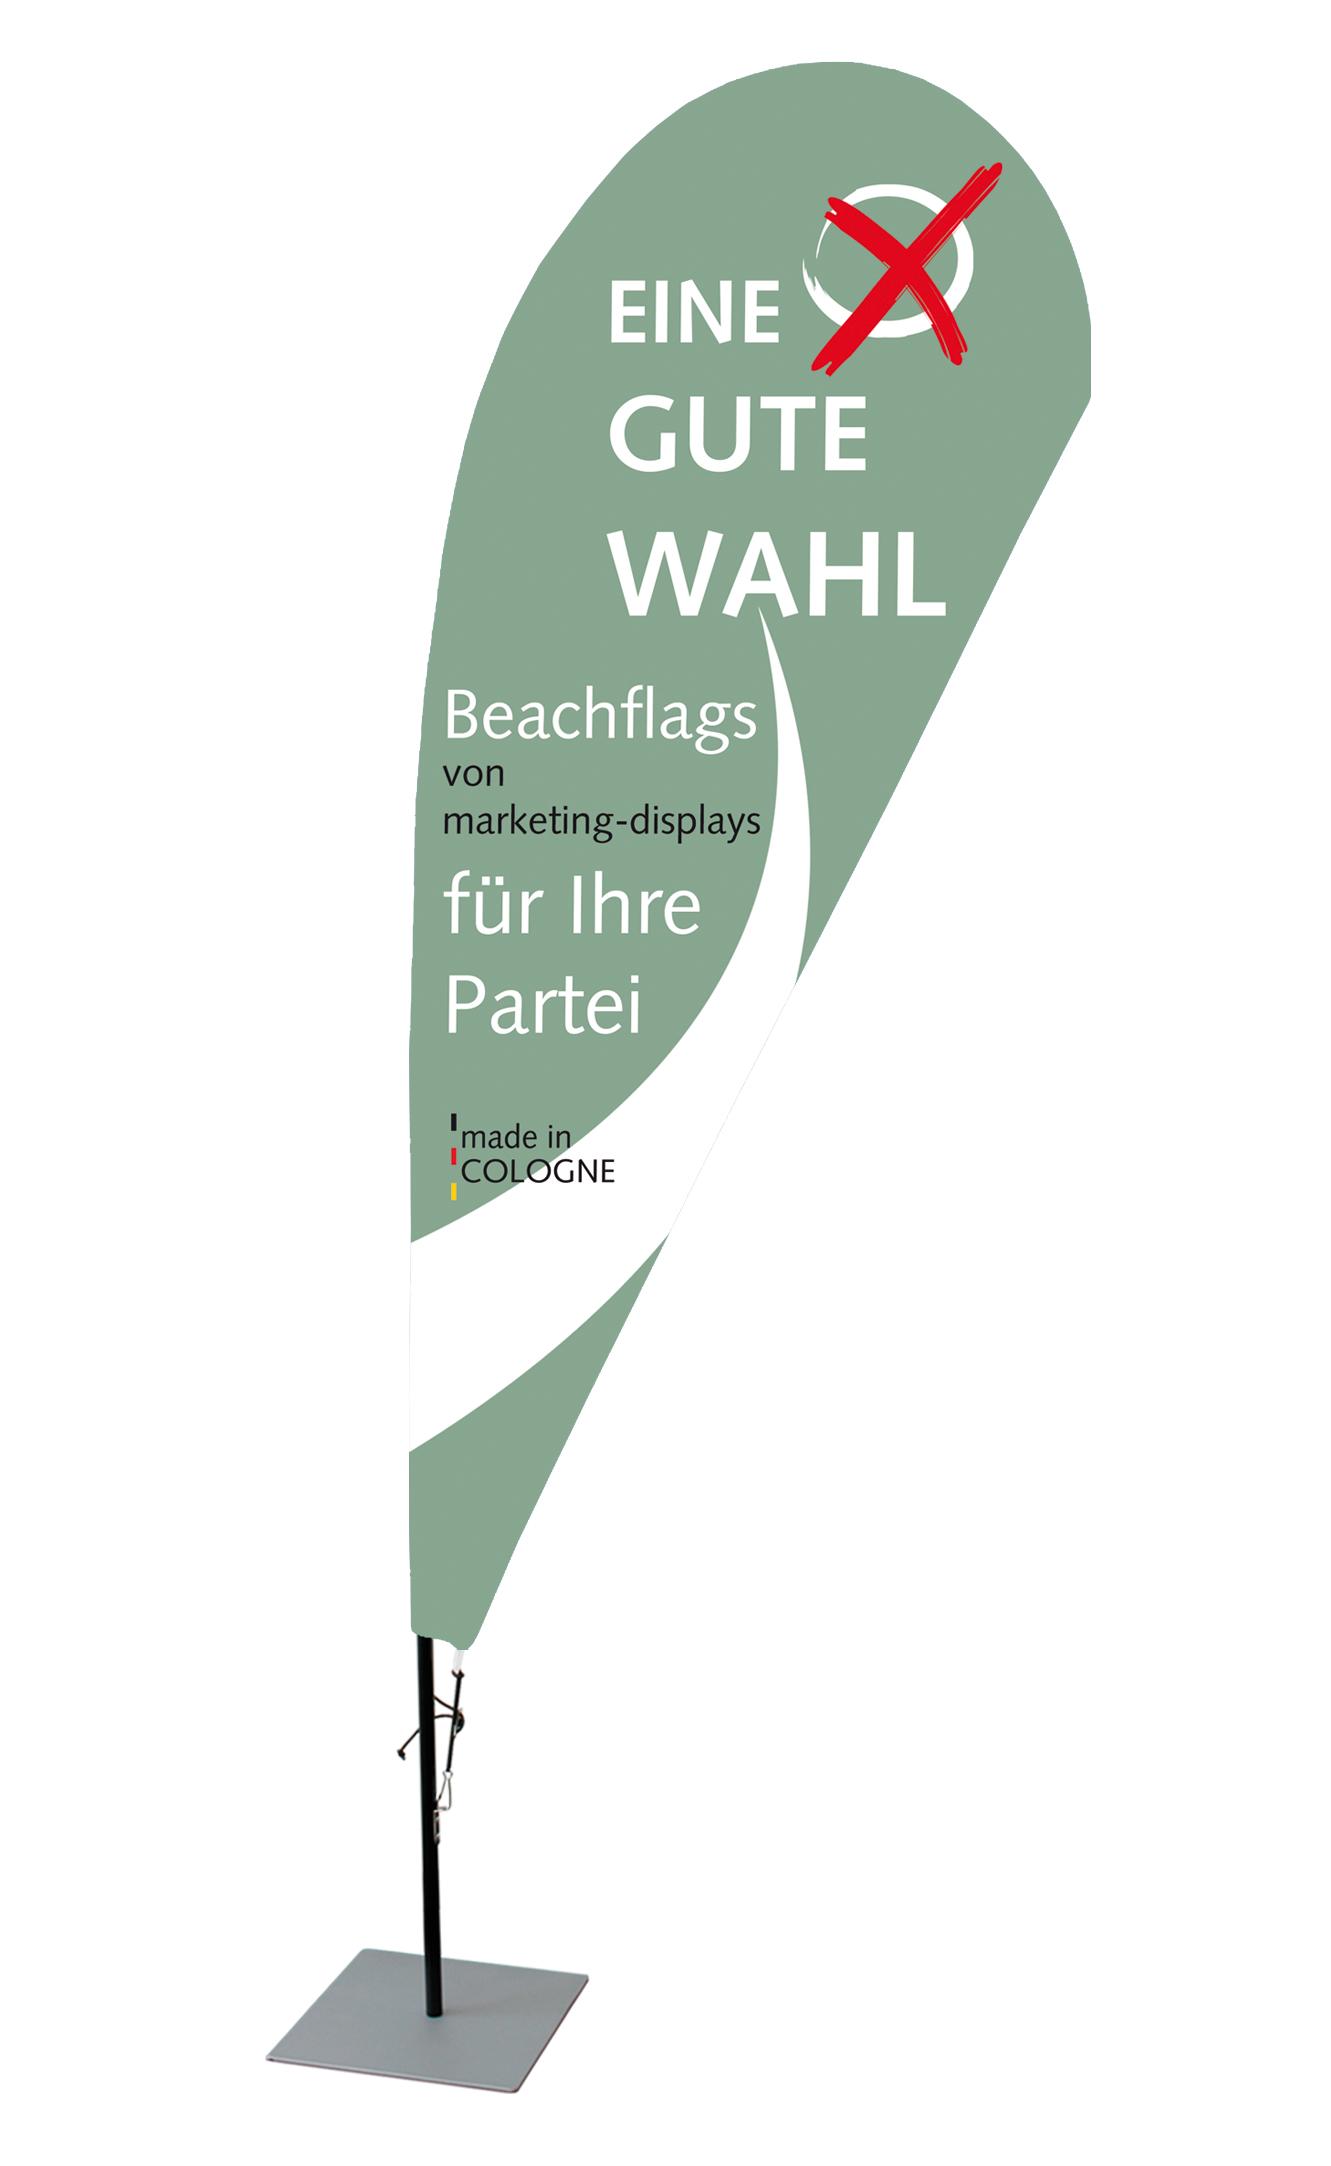 Beachflag für Wahlkampf und Wahlstand